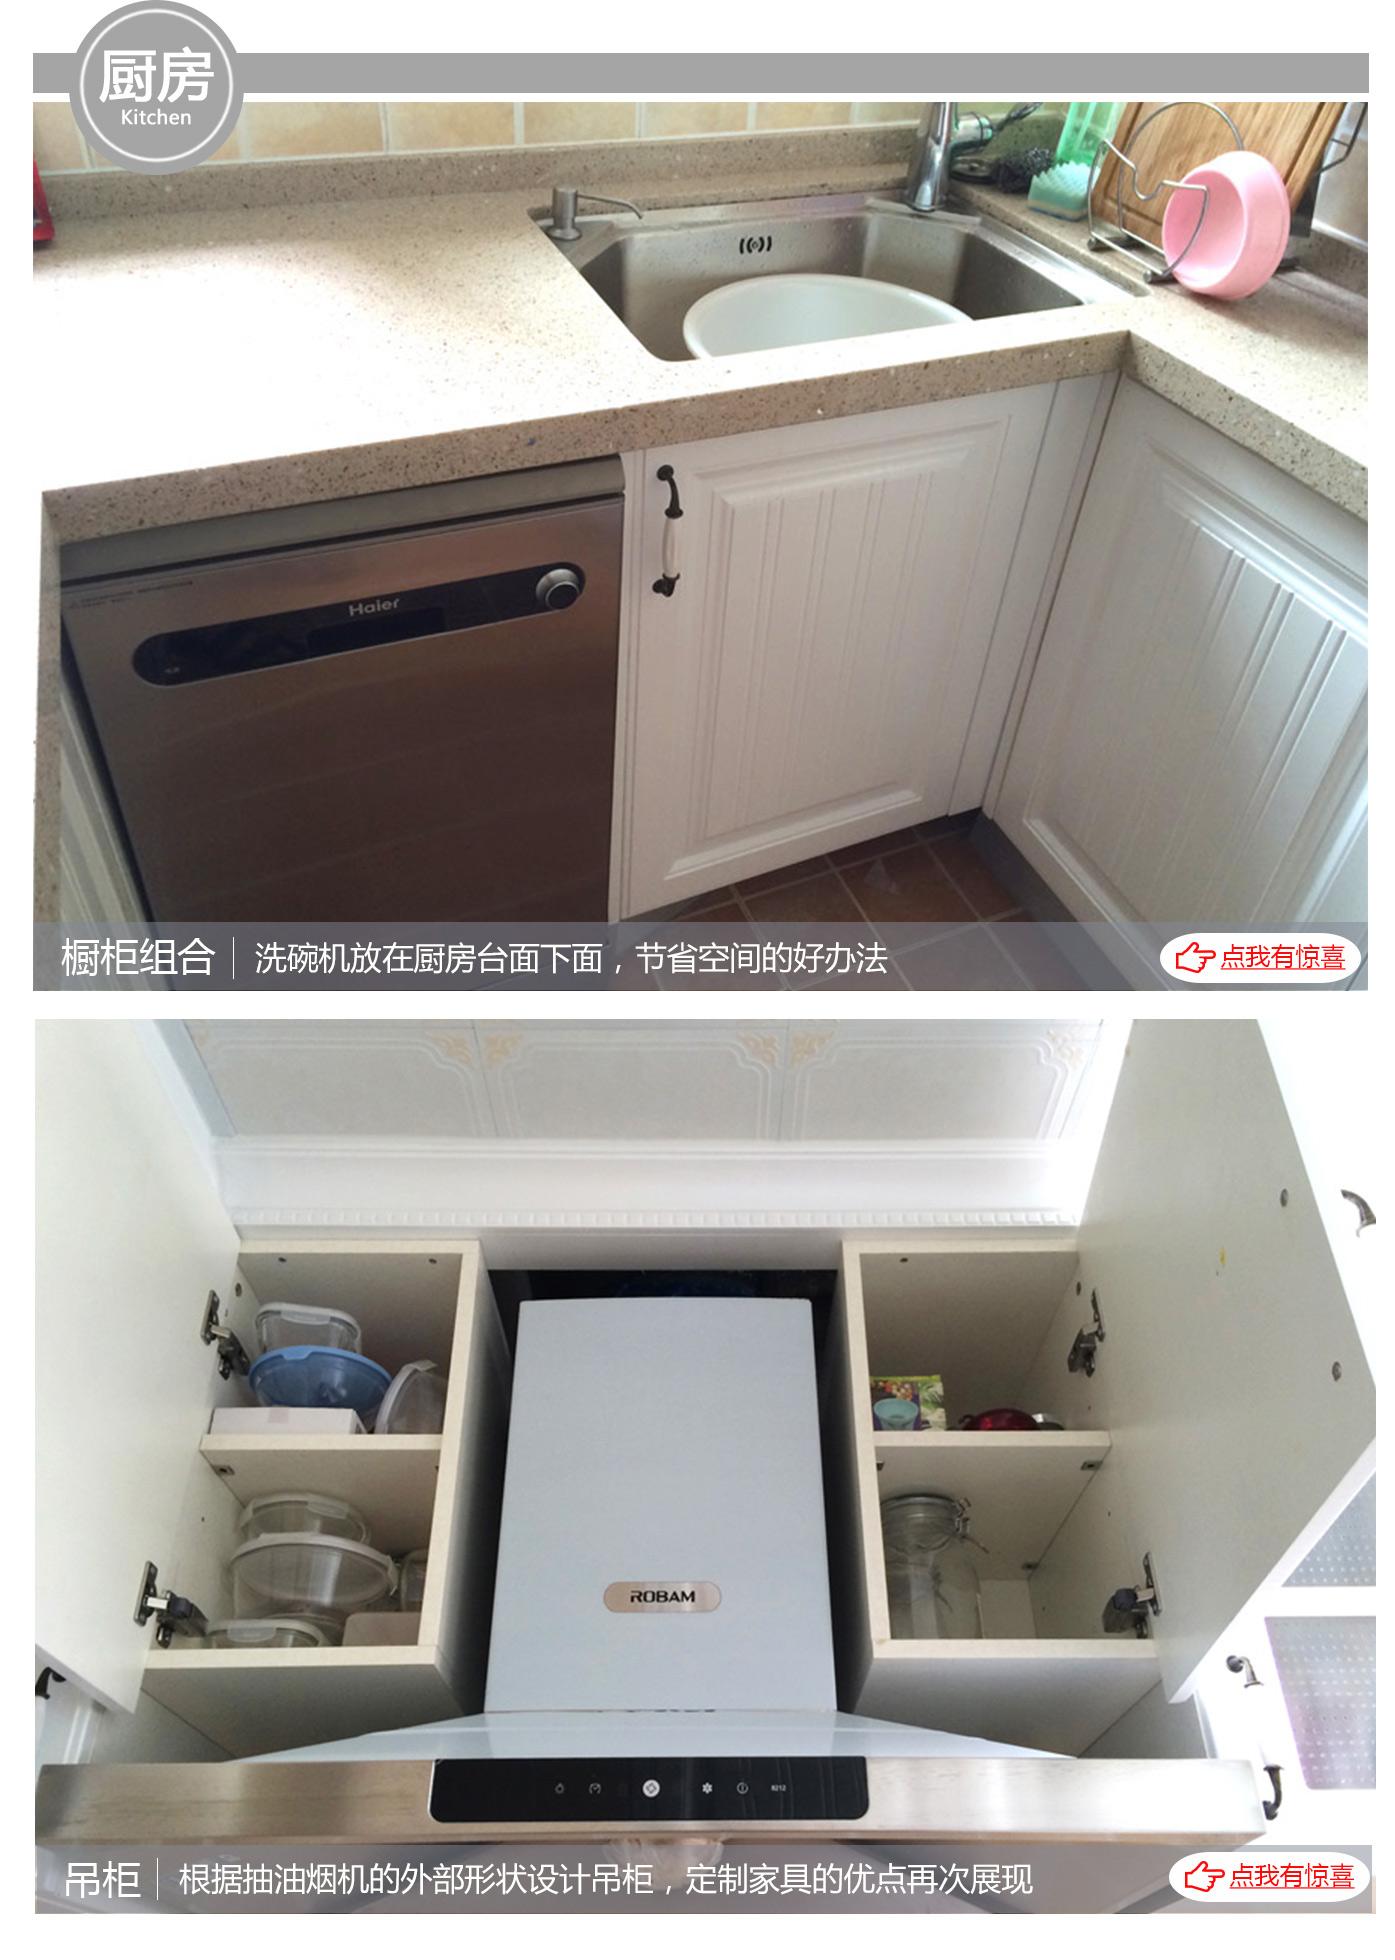 用定制家具把家改造大,97�O瞬间扩容128�O